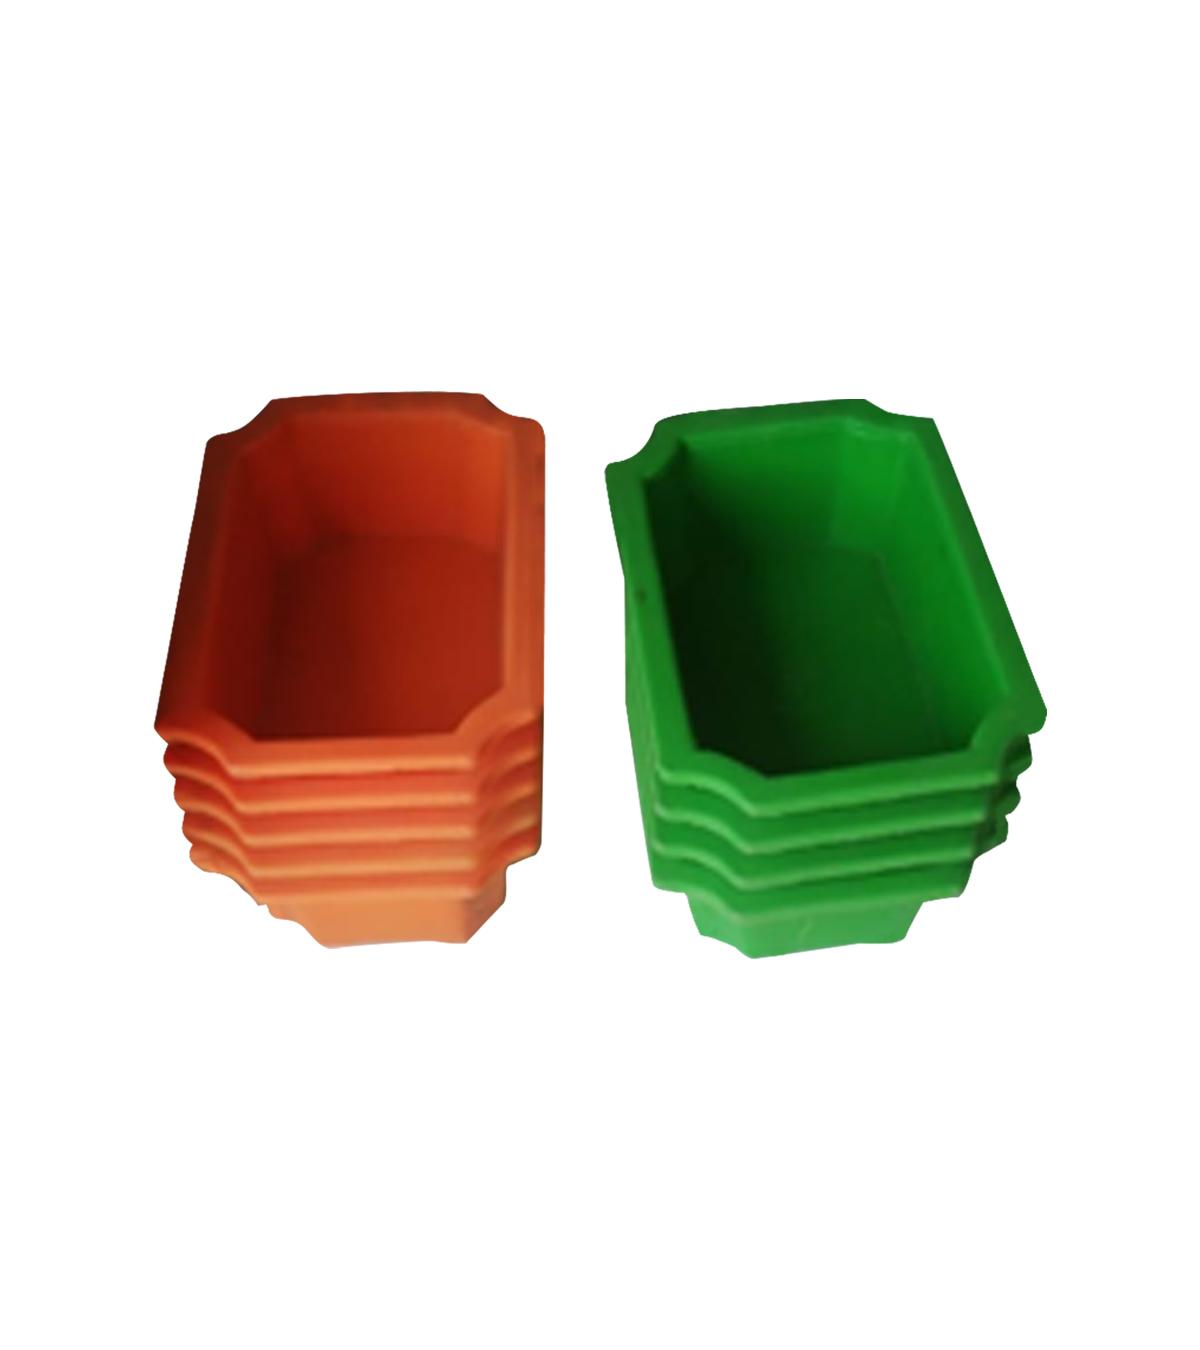 Small Plastic Pot